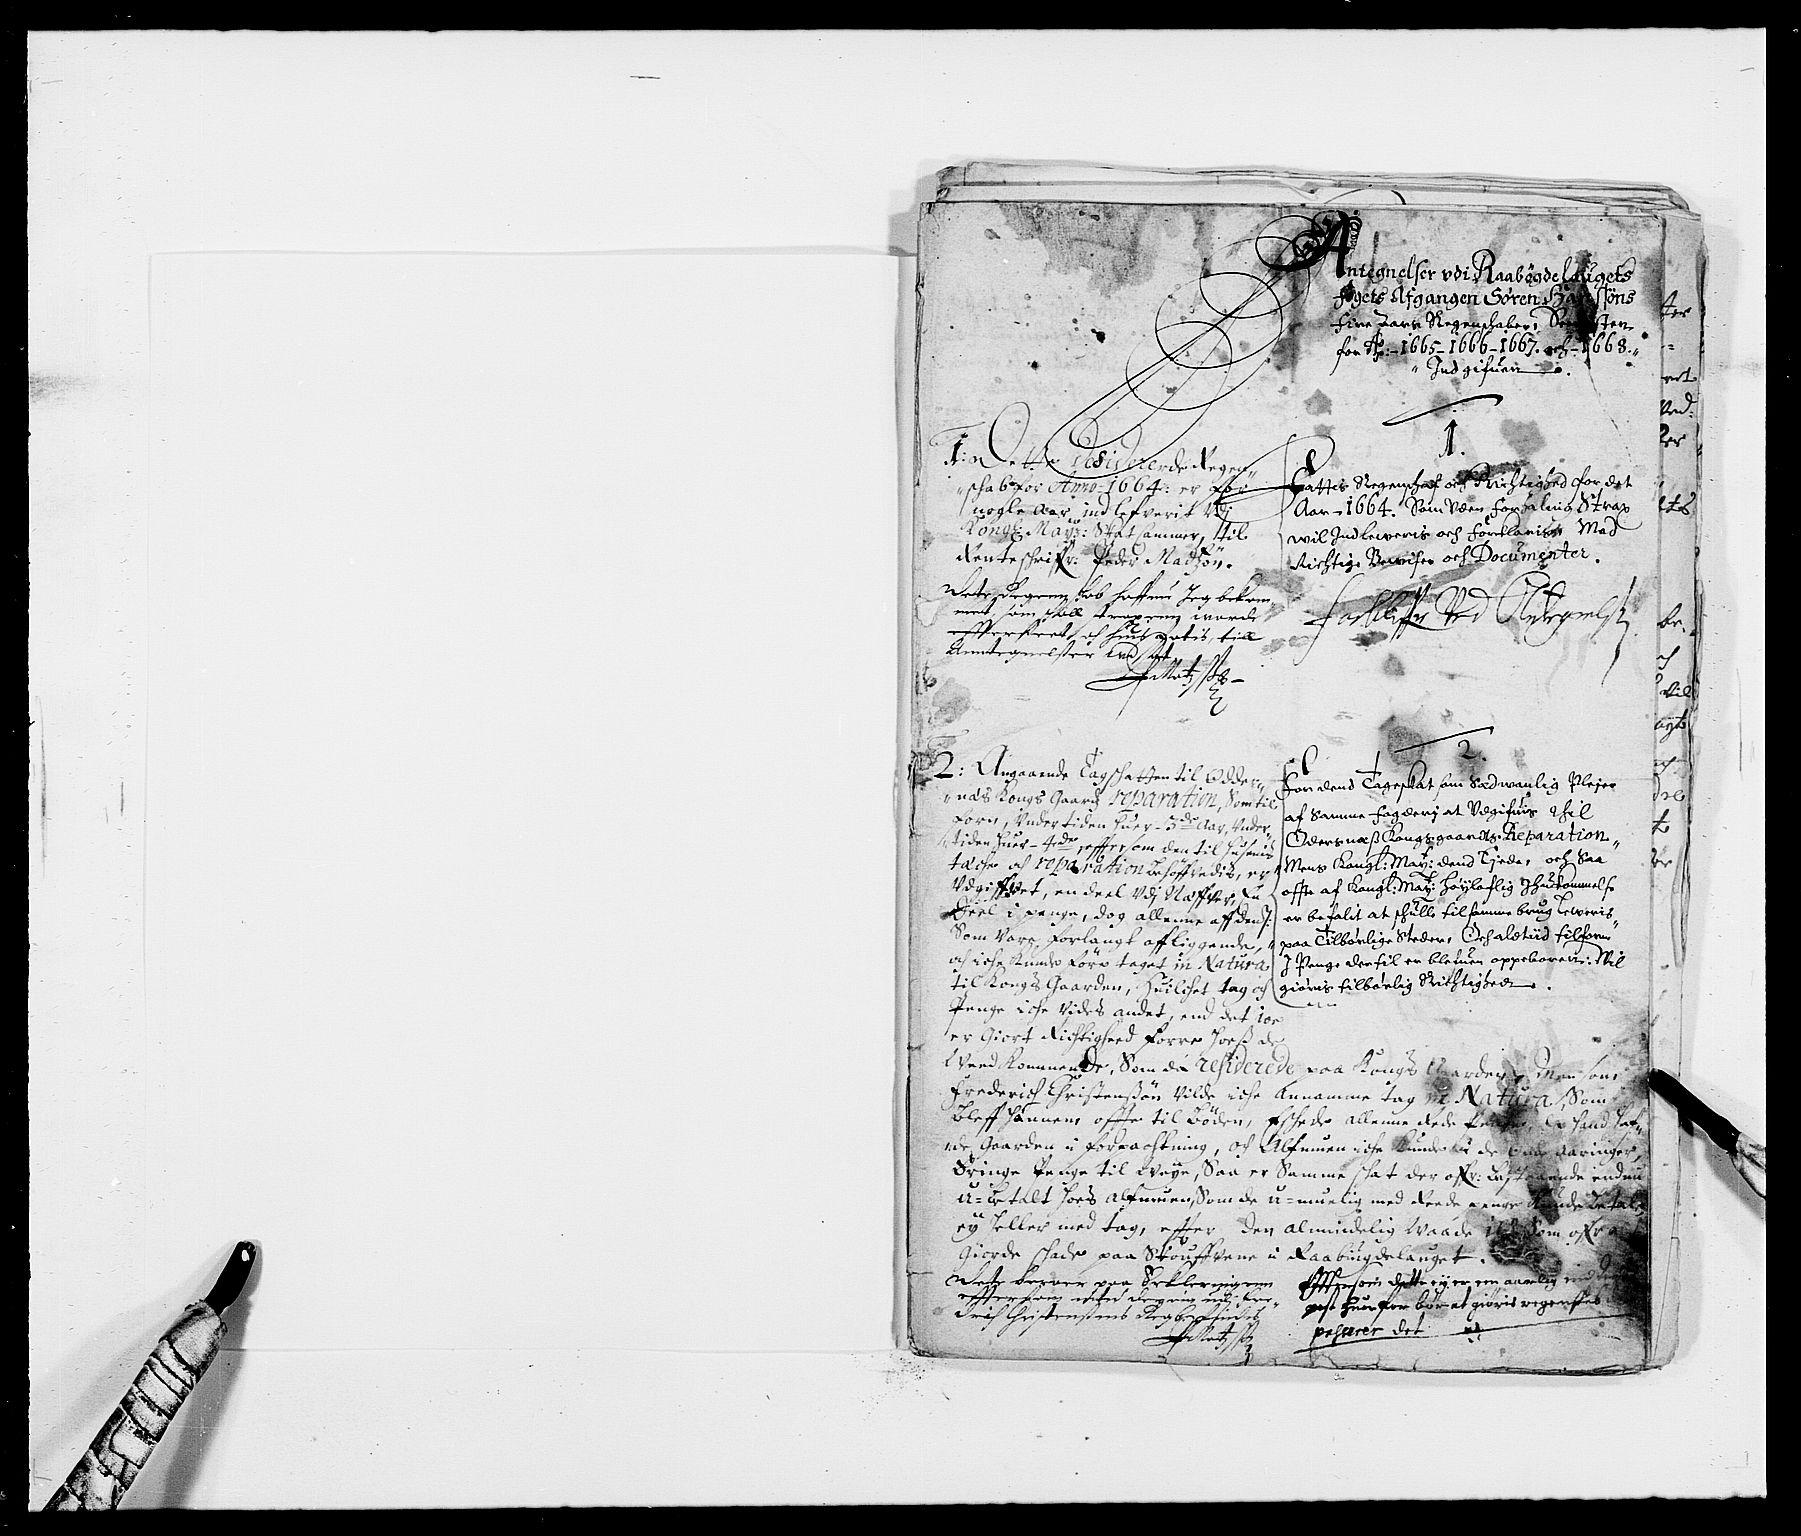 RA, Rentekammeret inntil 1814, Reviderte regnskaper, Fogderegnskap, R40/L2431: Fogderegnskap Råbyggelag, 1664-1668, s. 358